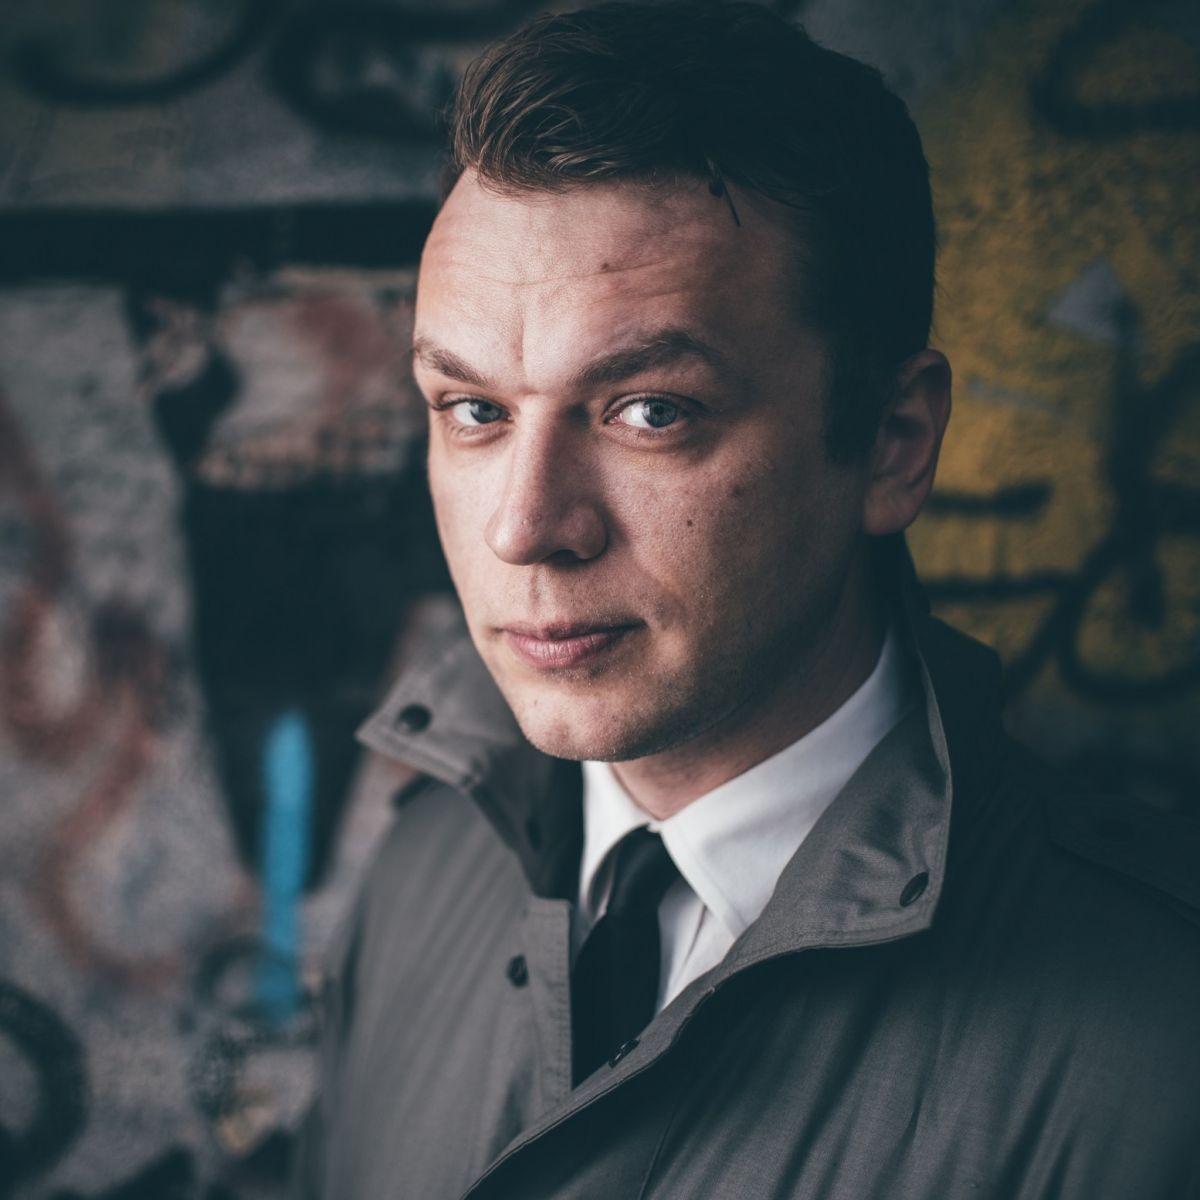 Fotografia Marcela Woźniaka. Mężczyzna na ciemnym tle.